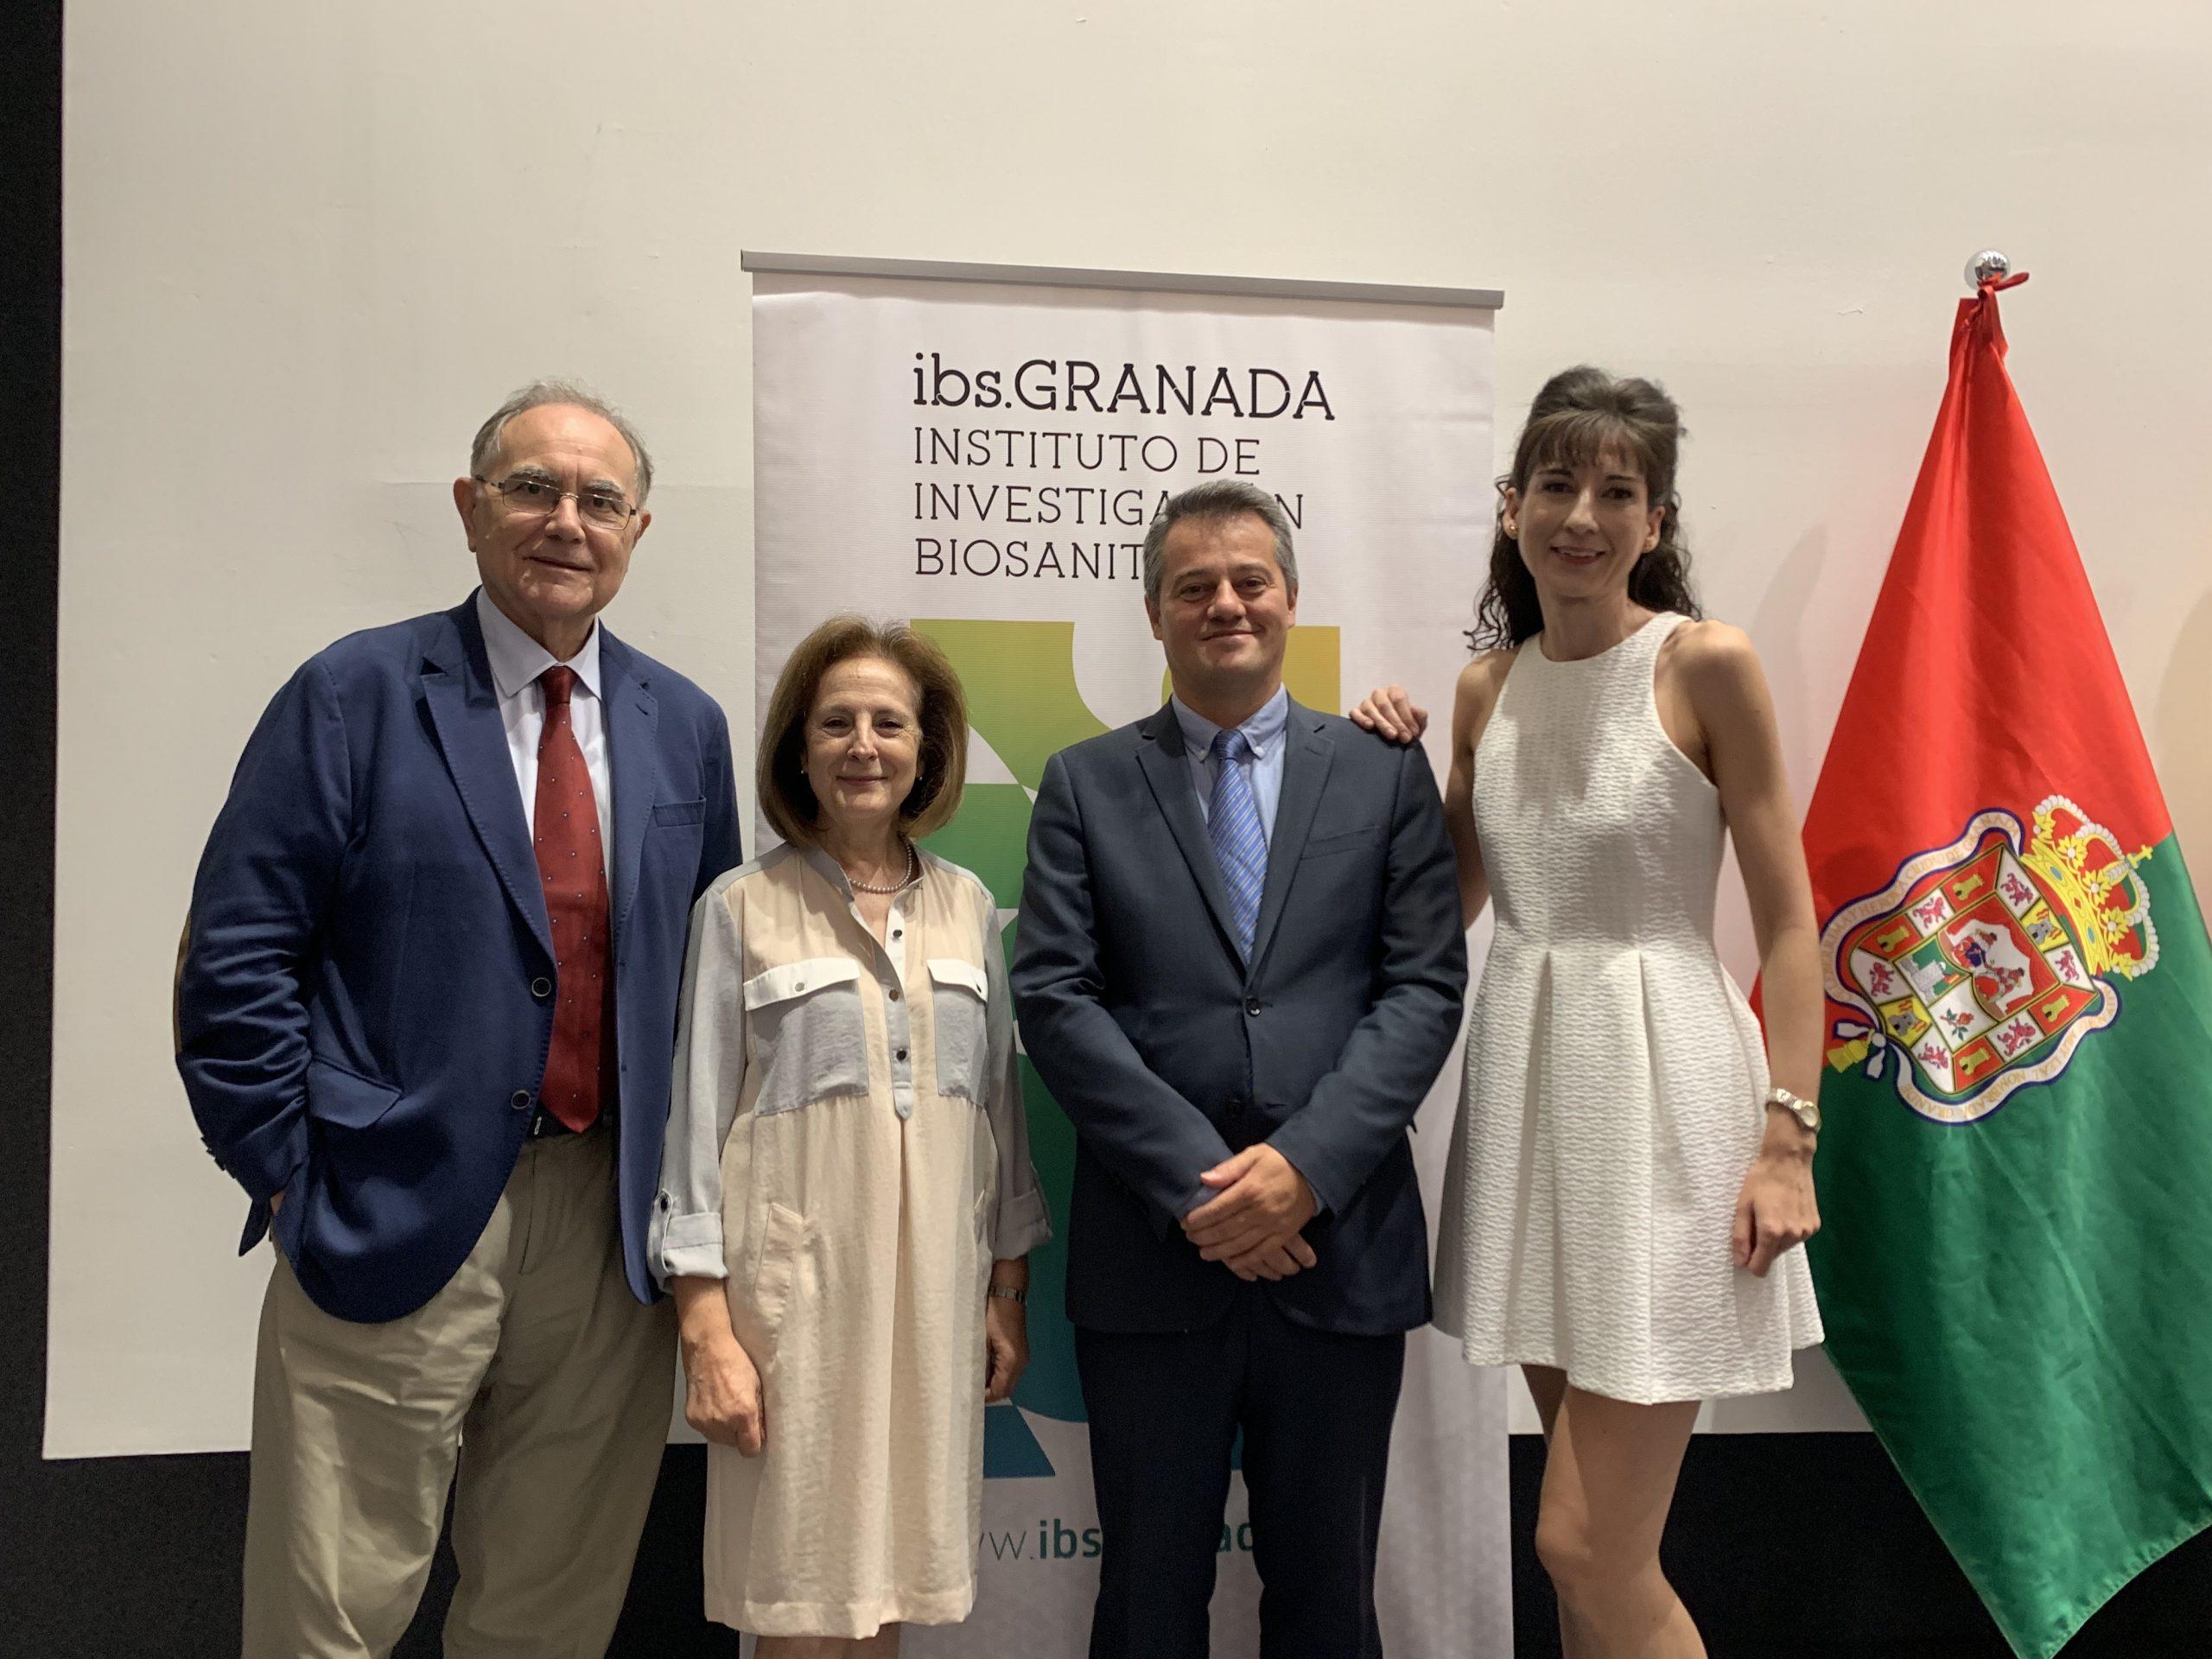 Nos visita la Dra. Julia Buján, miembro del Comité Científico Externo del ibs.GRANADA